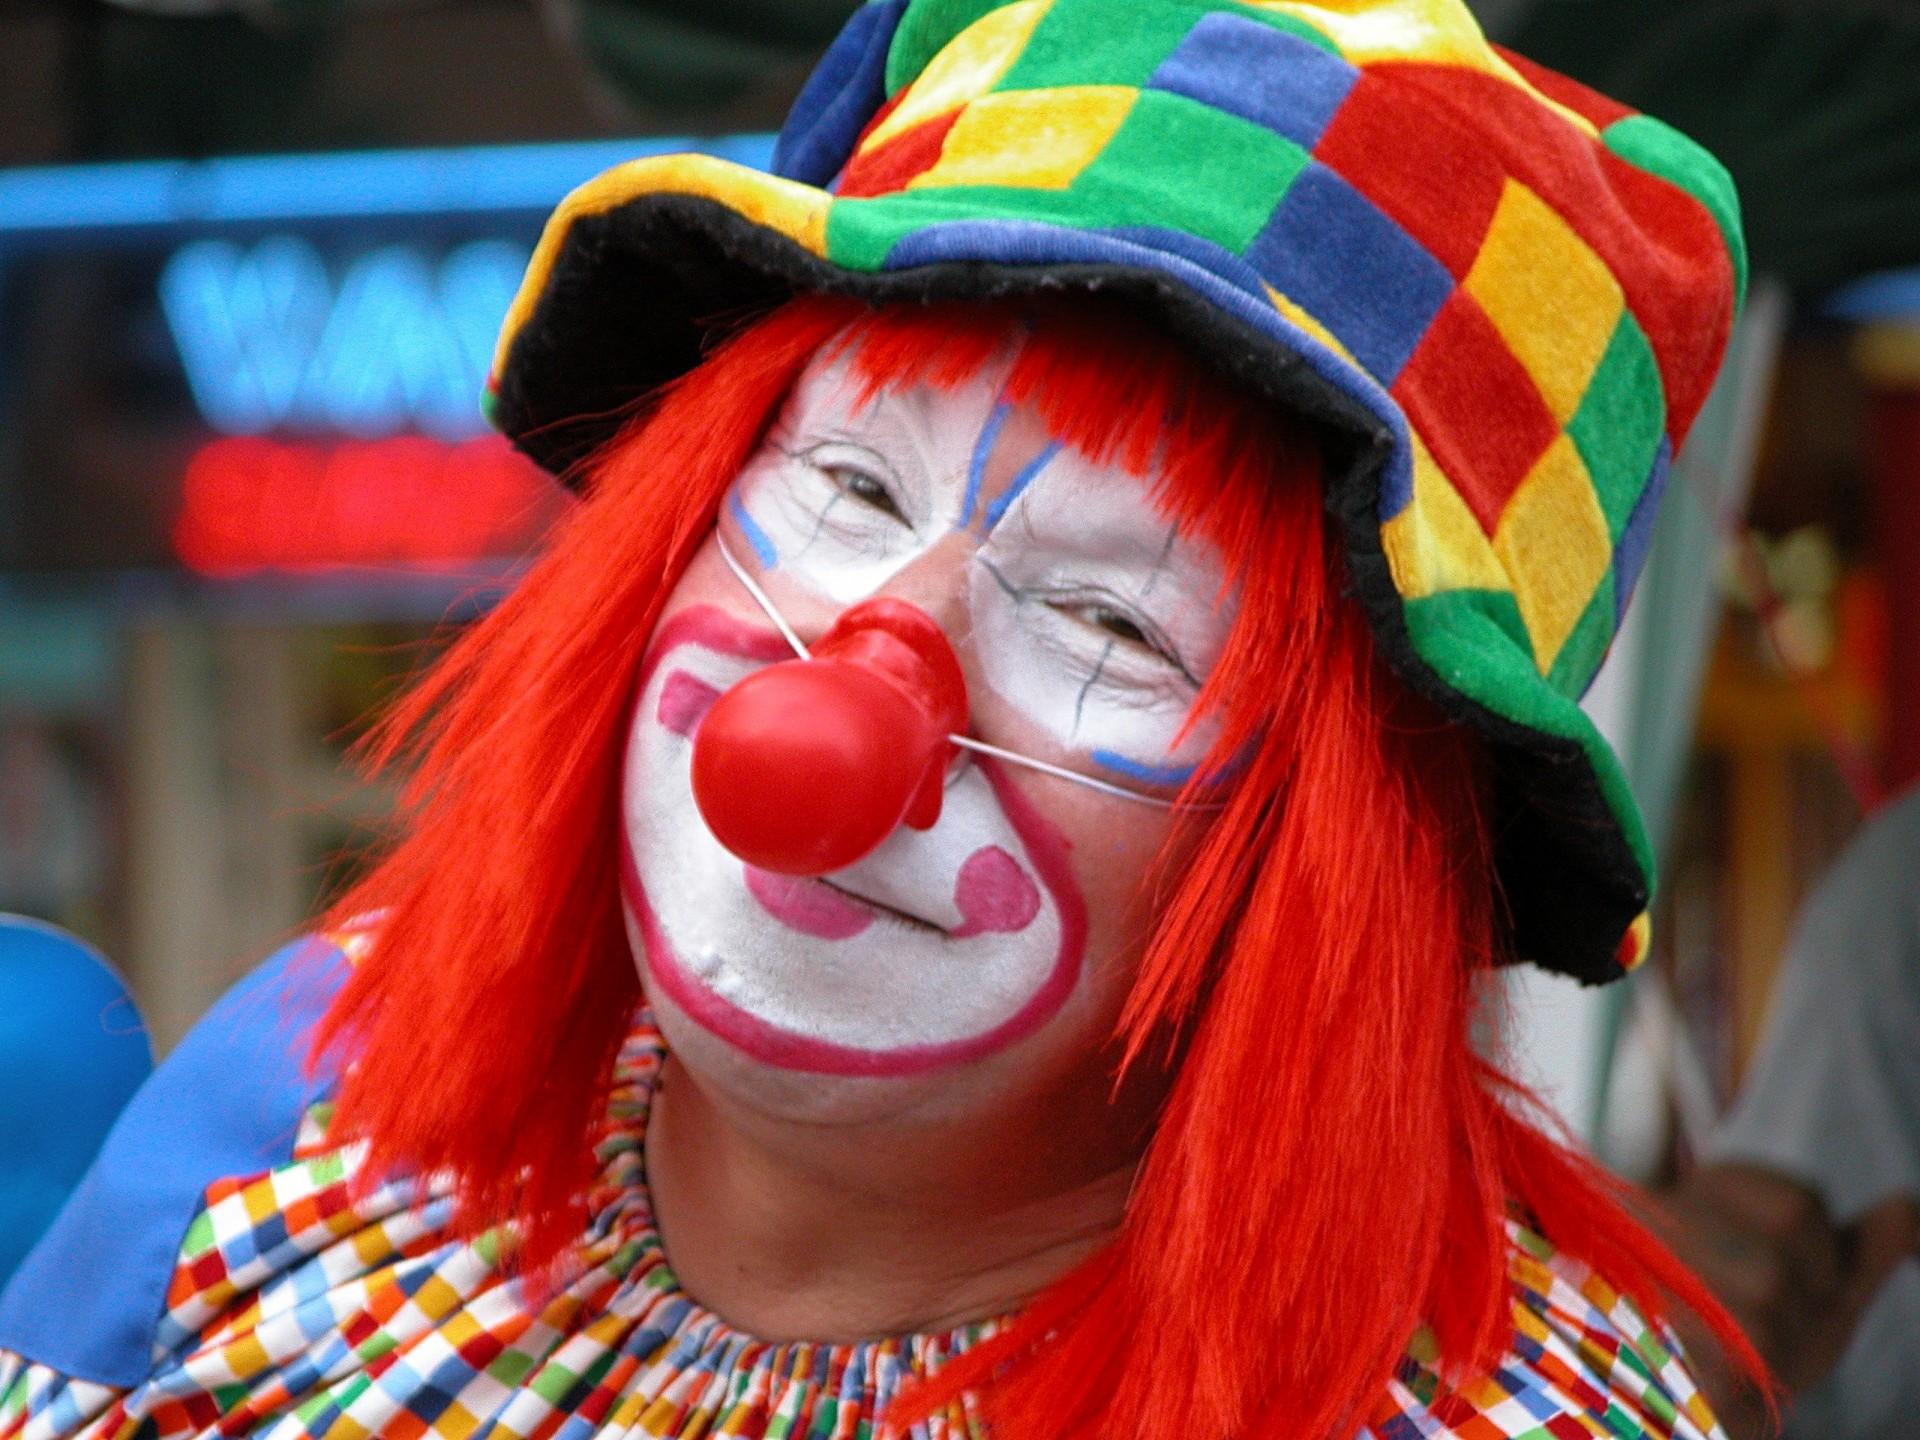 Картинки с смешными клоунами, день рождения